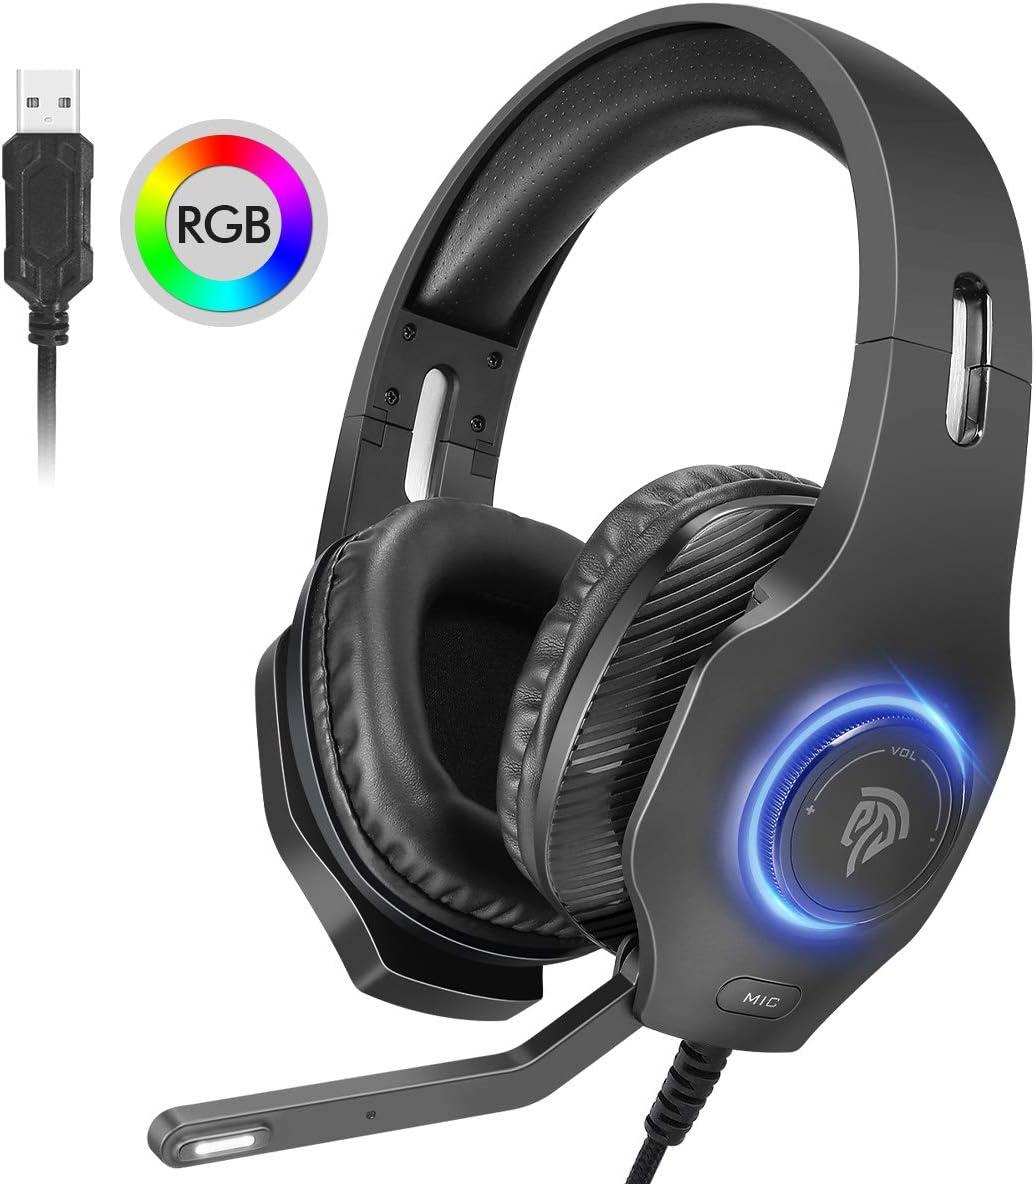 Auriculares gaming Estéreo 7.1, [Regalos Origianles] Cascos Gaming Envolvente 7.1 para PS4, y PC ect. con Orejeras Suaves Respirables, Micrófono Ajustable, LED RGB de Ciclo Automático y Silenciamiento